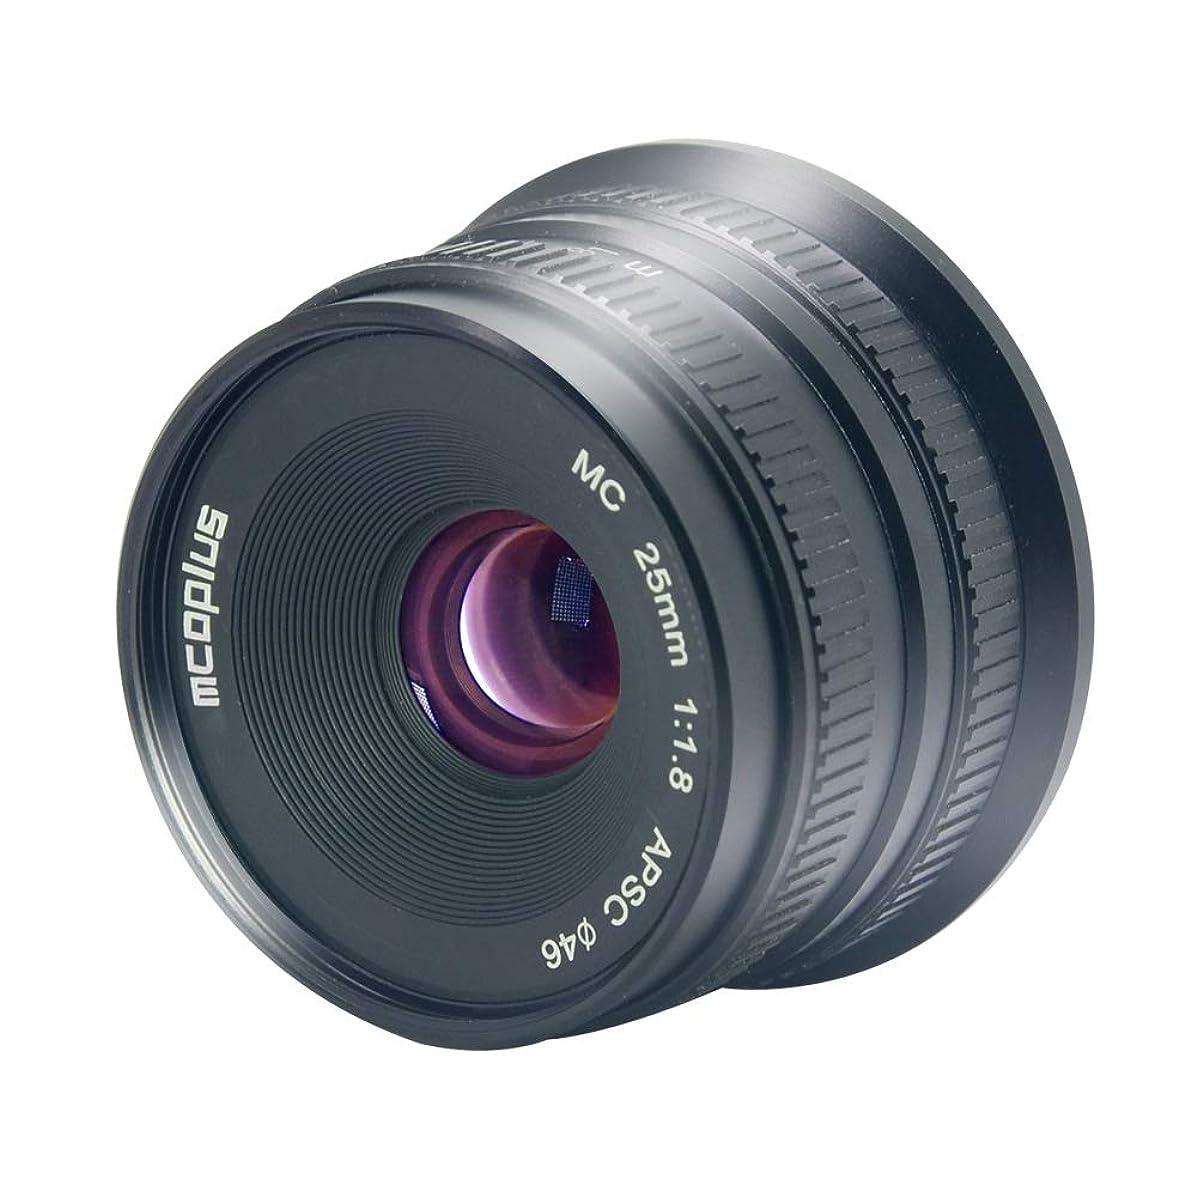 Mcoplus 25mm F1.8 Large Aperture Manual Focus Lens APC-C for Sony E Mount A7 A7II A7R A7RII A7S A7SII A6500 A6300 A6000 A5100 A5000 EX-3 NEX-3N NEX-3R NEX-F3K NEX-5 NEX-5N